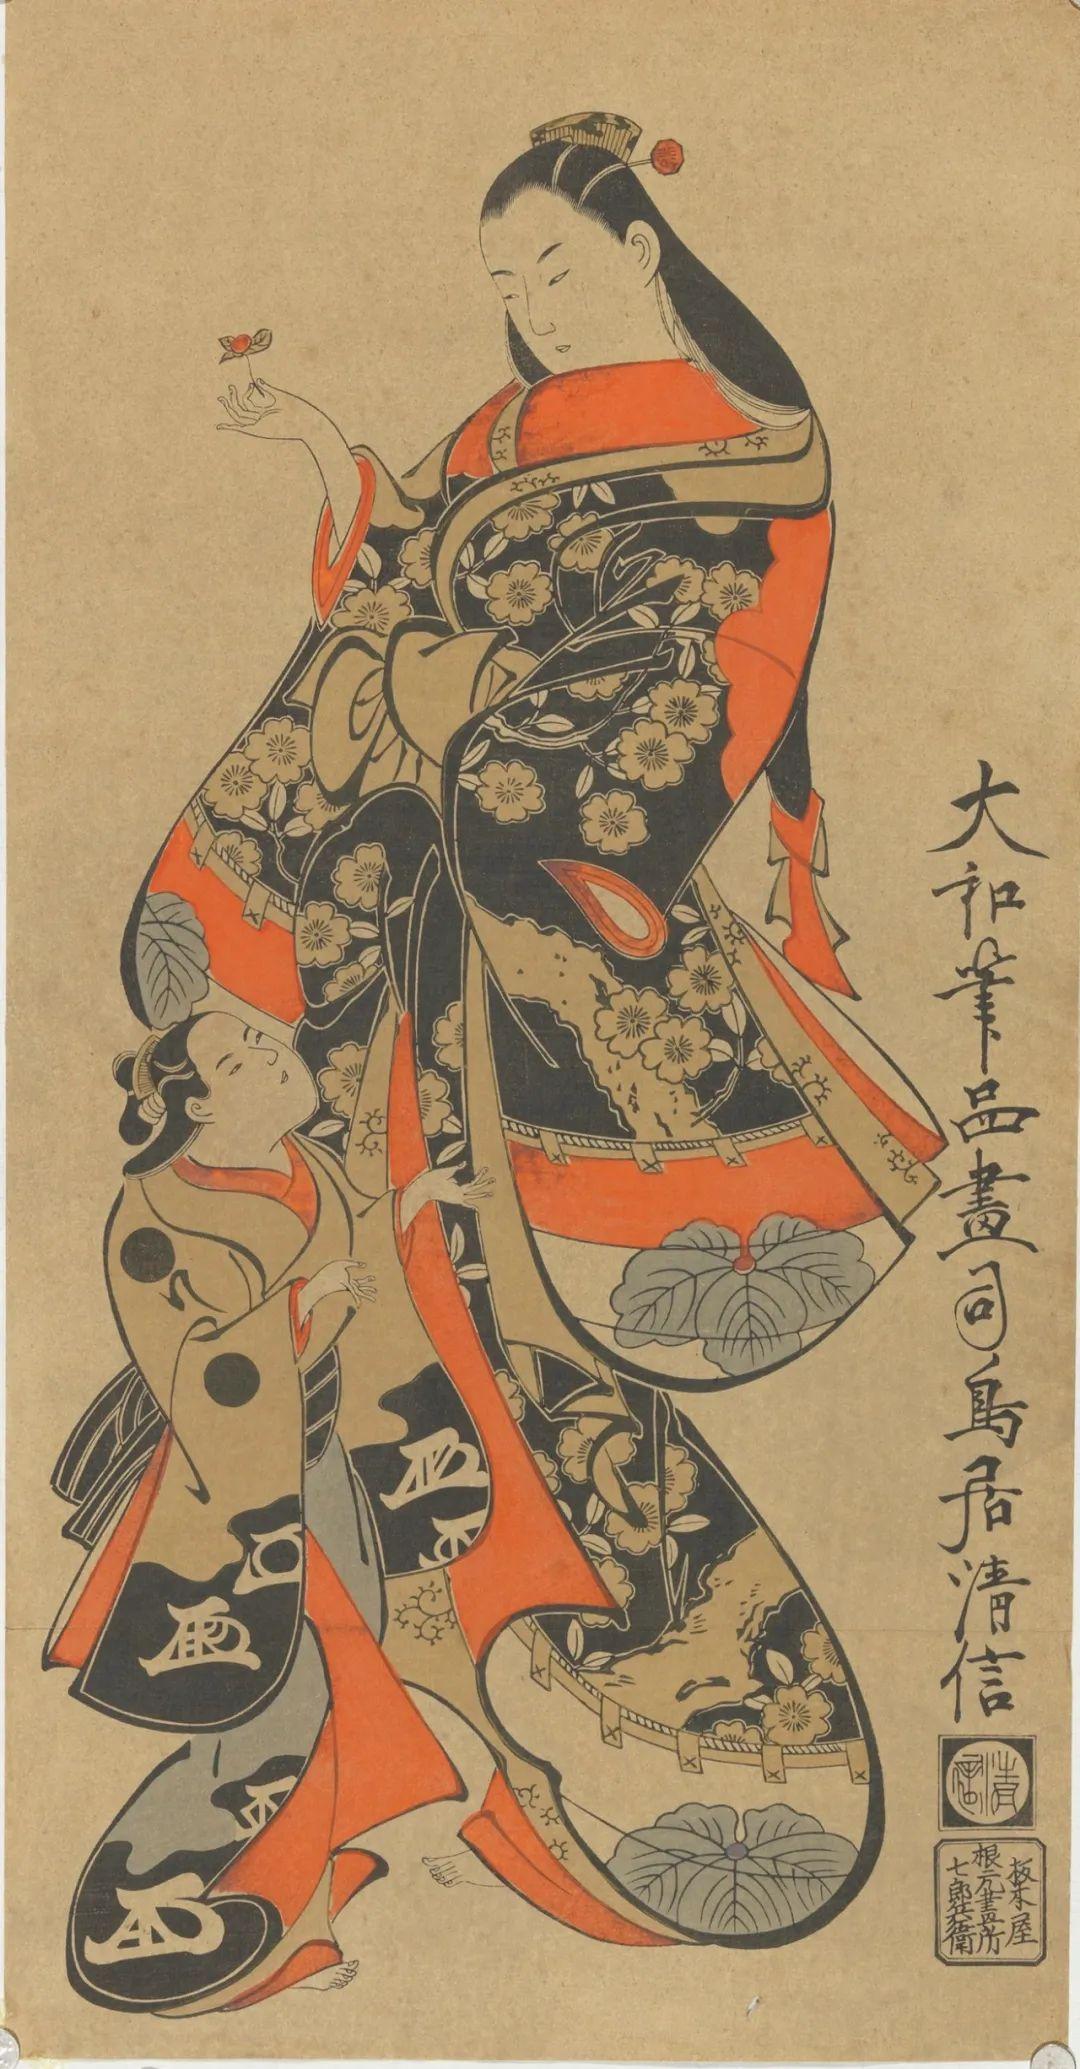 鸟居清信《妇人与少年》纸本 51.5×27cm18世纪初期中国美术馆藏